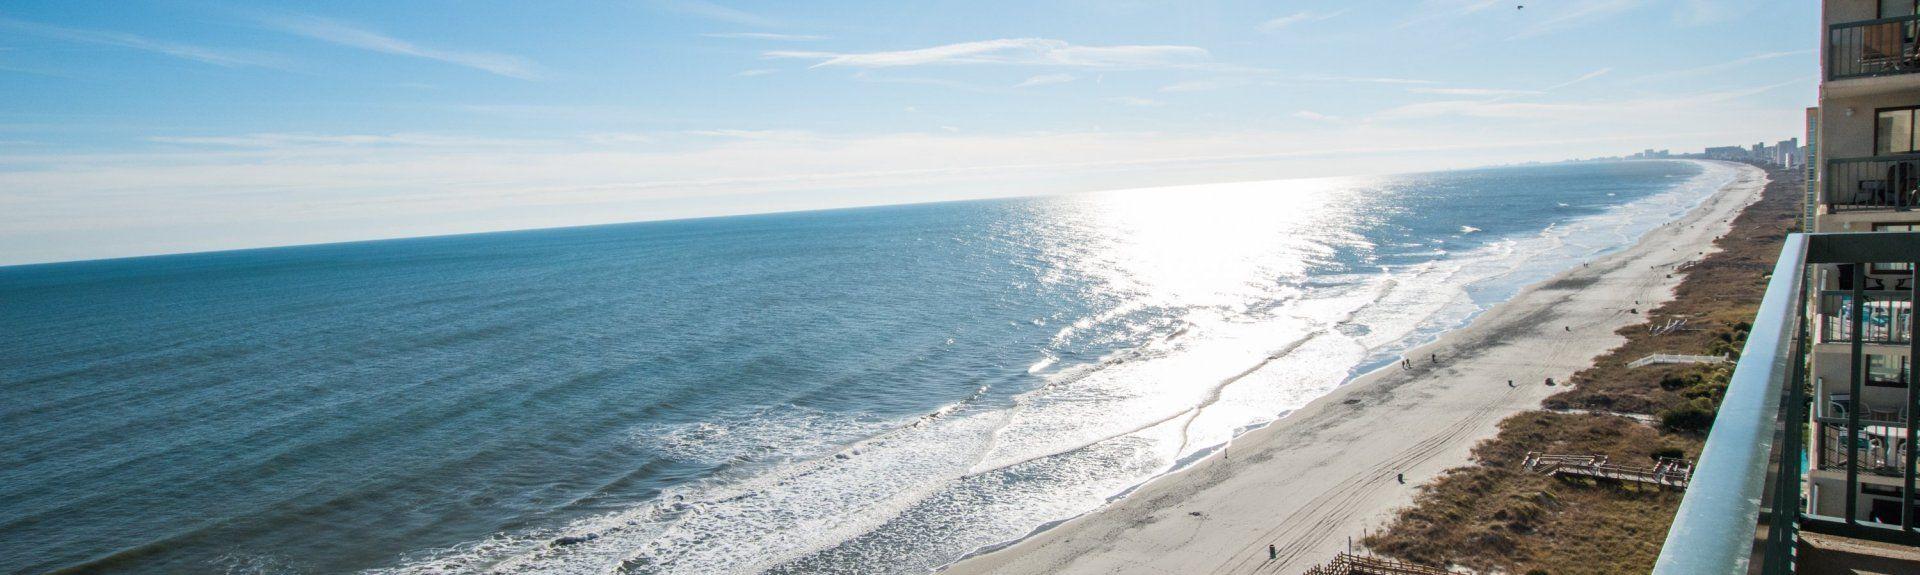 Ocean Bay Club, North Myrtle Beach, SC, USA